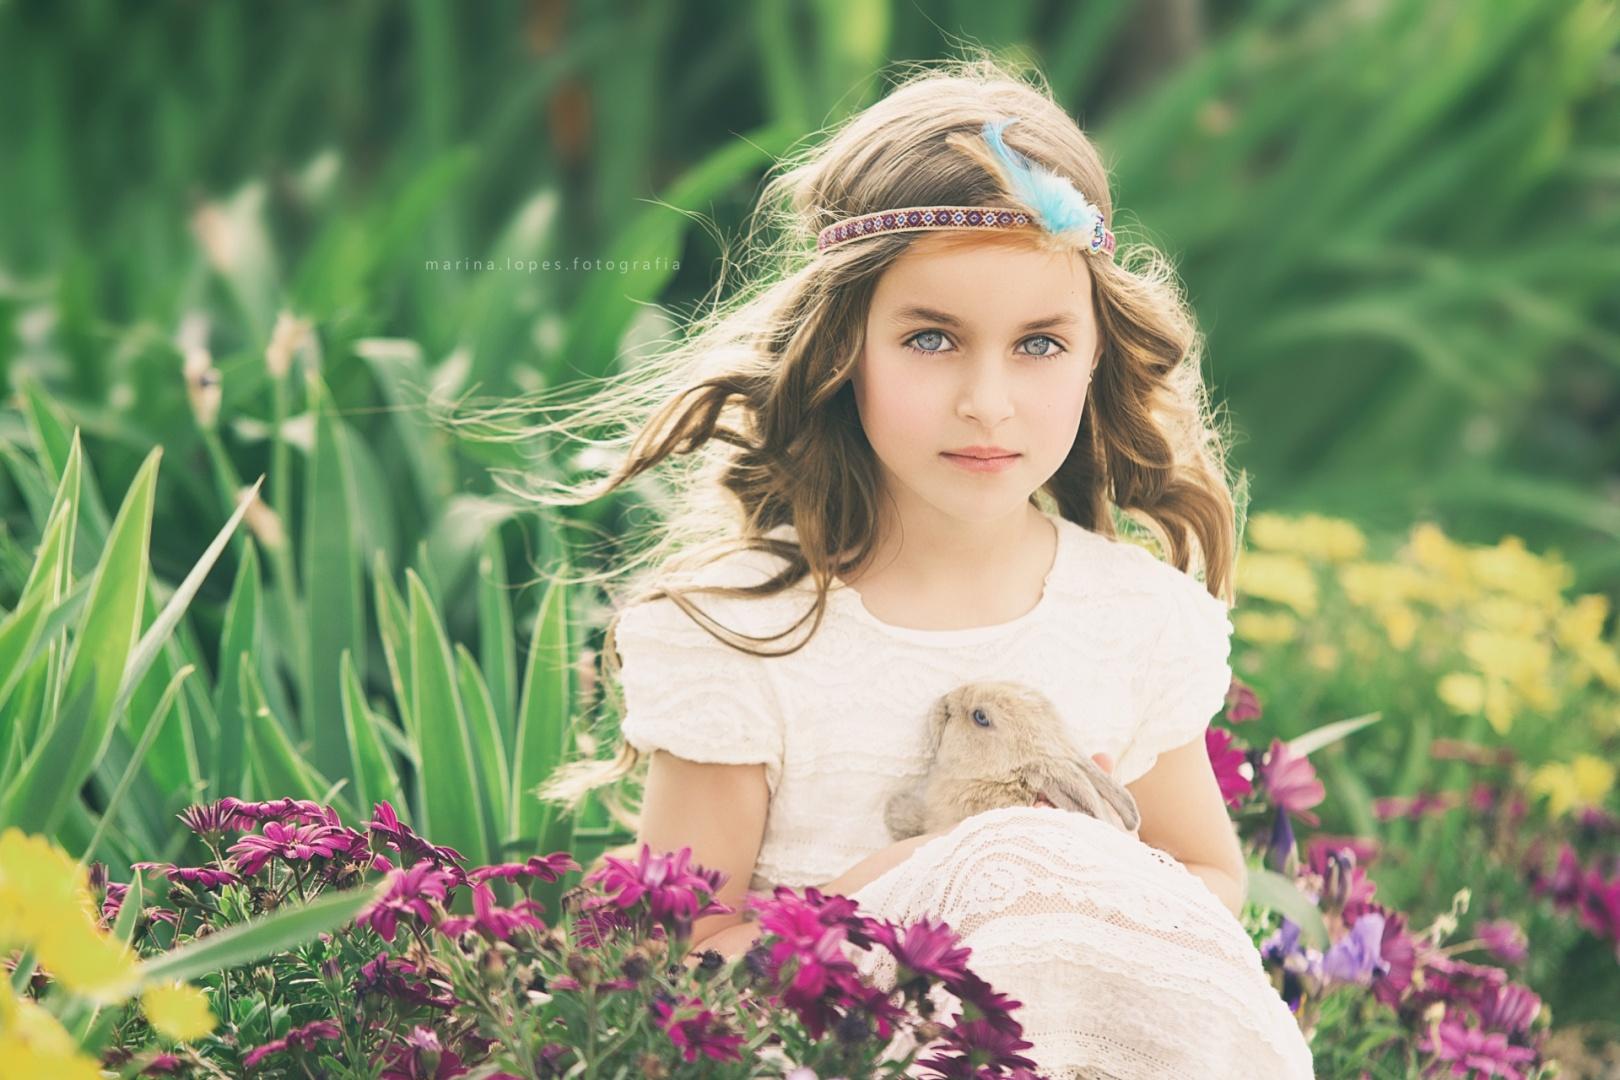 Retratos/My Bunny!